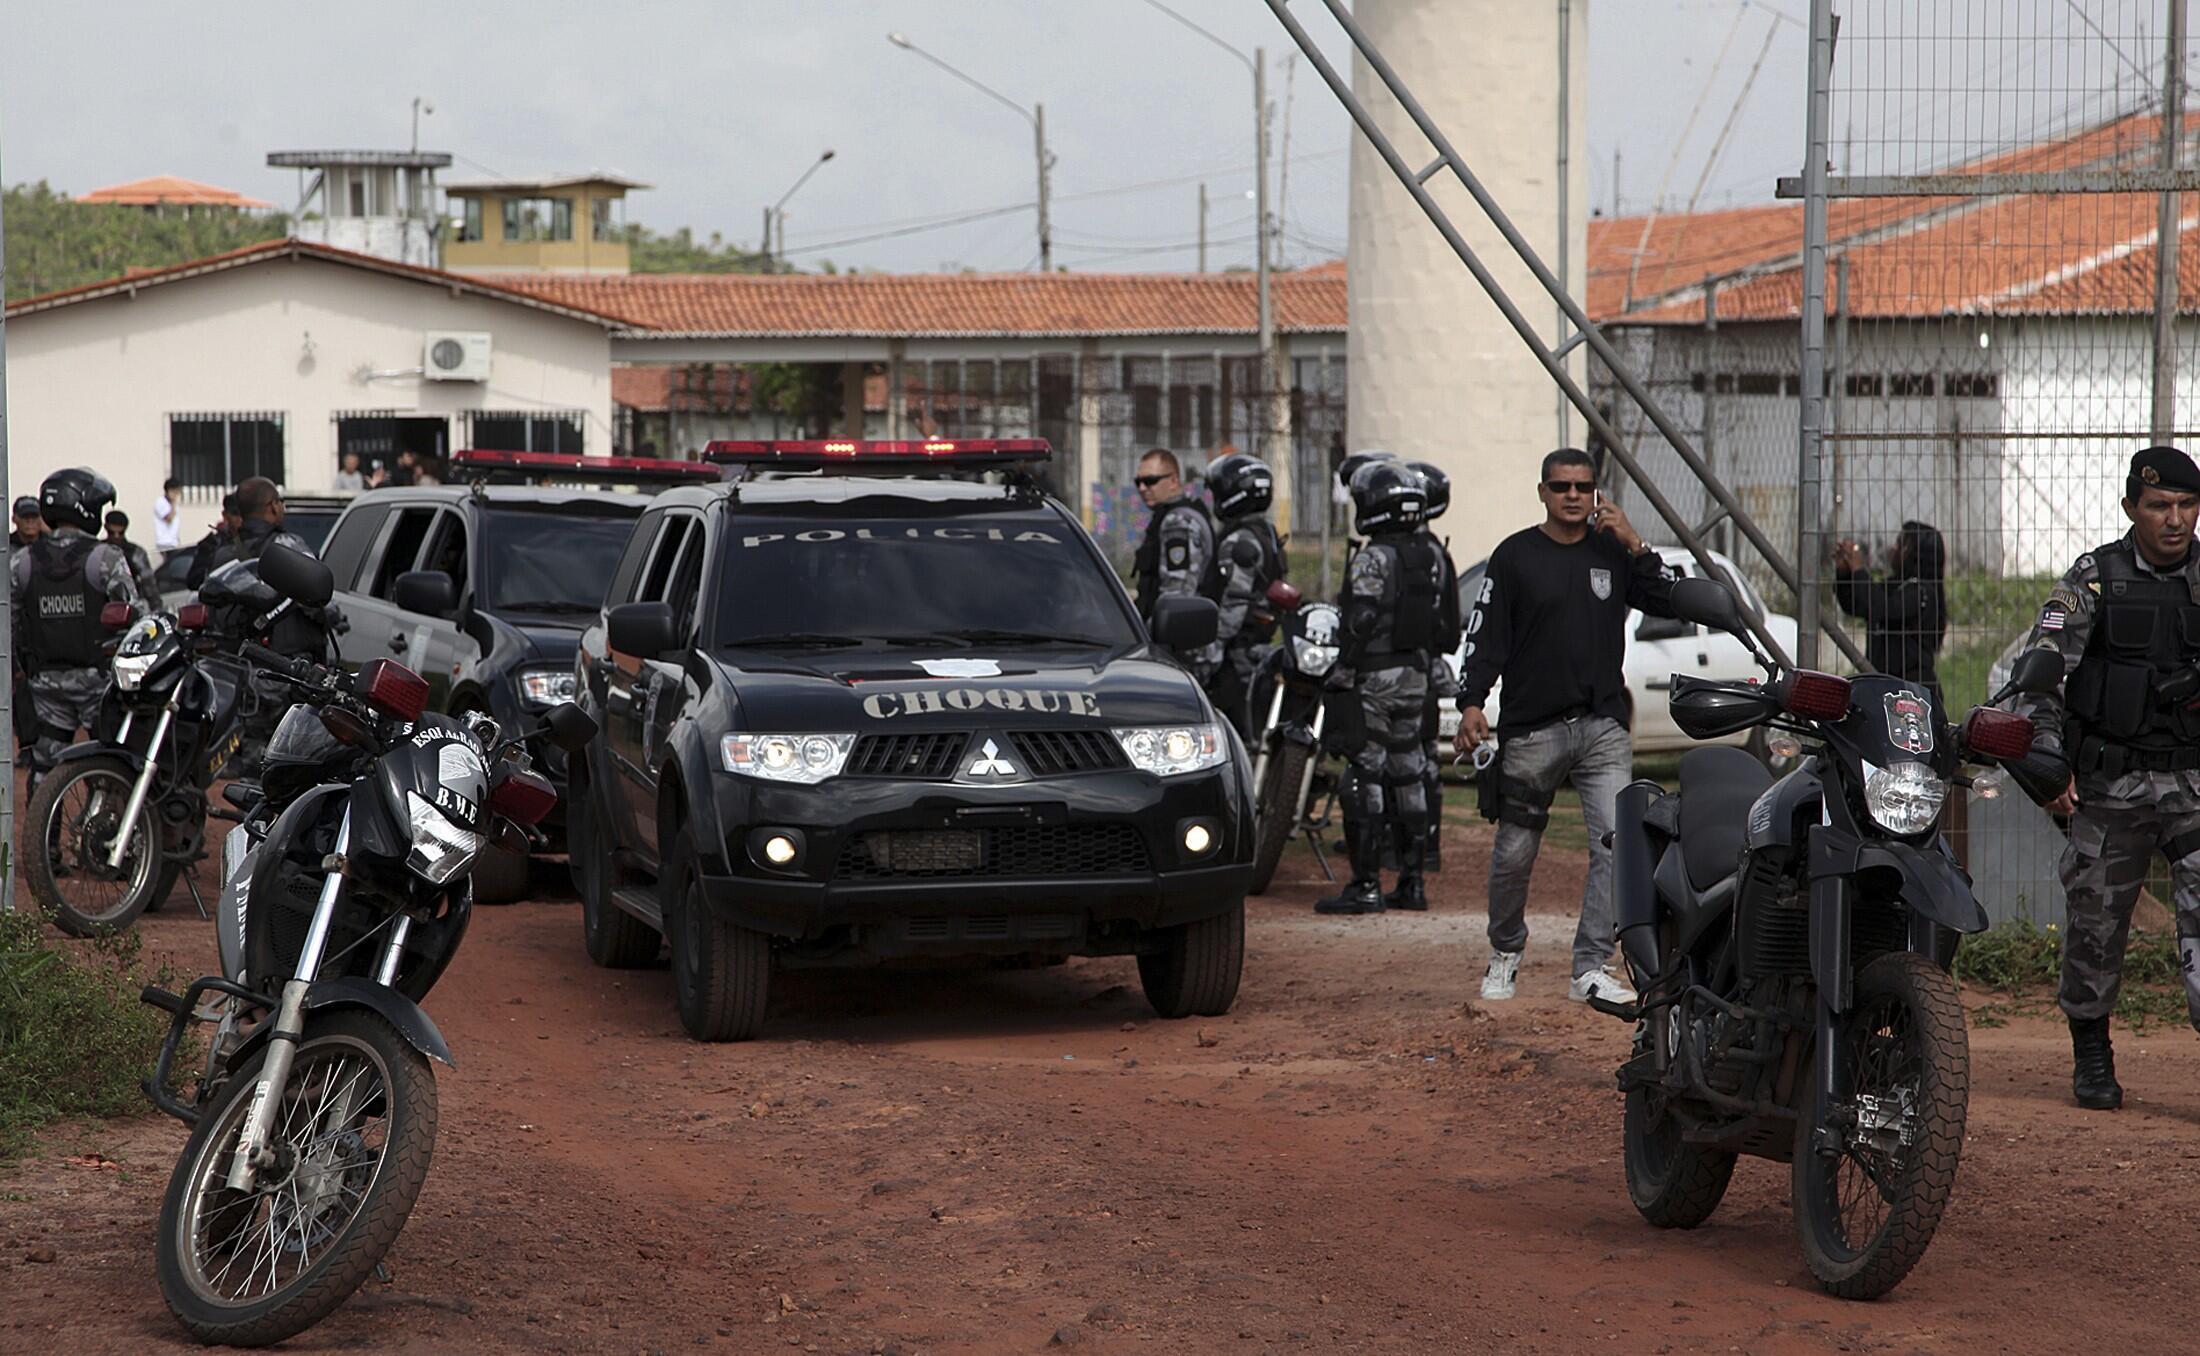 Líderes de gangues que atuam dentro da penitenciária de Pedrinhas, no Maranhão, foram transferidos para o Mato Grosso do Sul nesta segunda-feira (20), em uma tentativa das autoridades de acabar com os assassinatos no local.